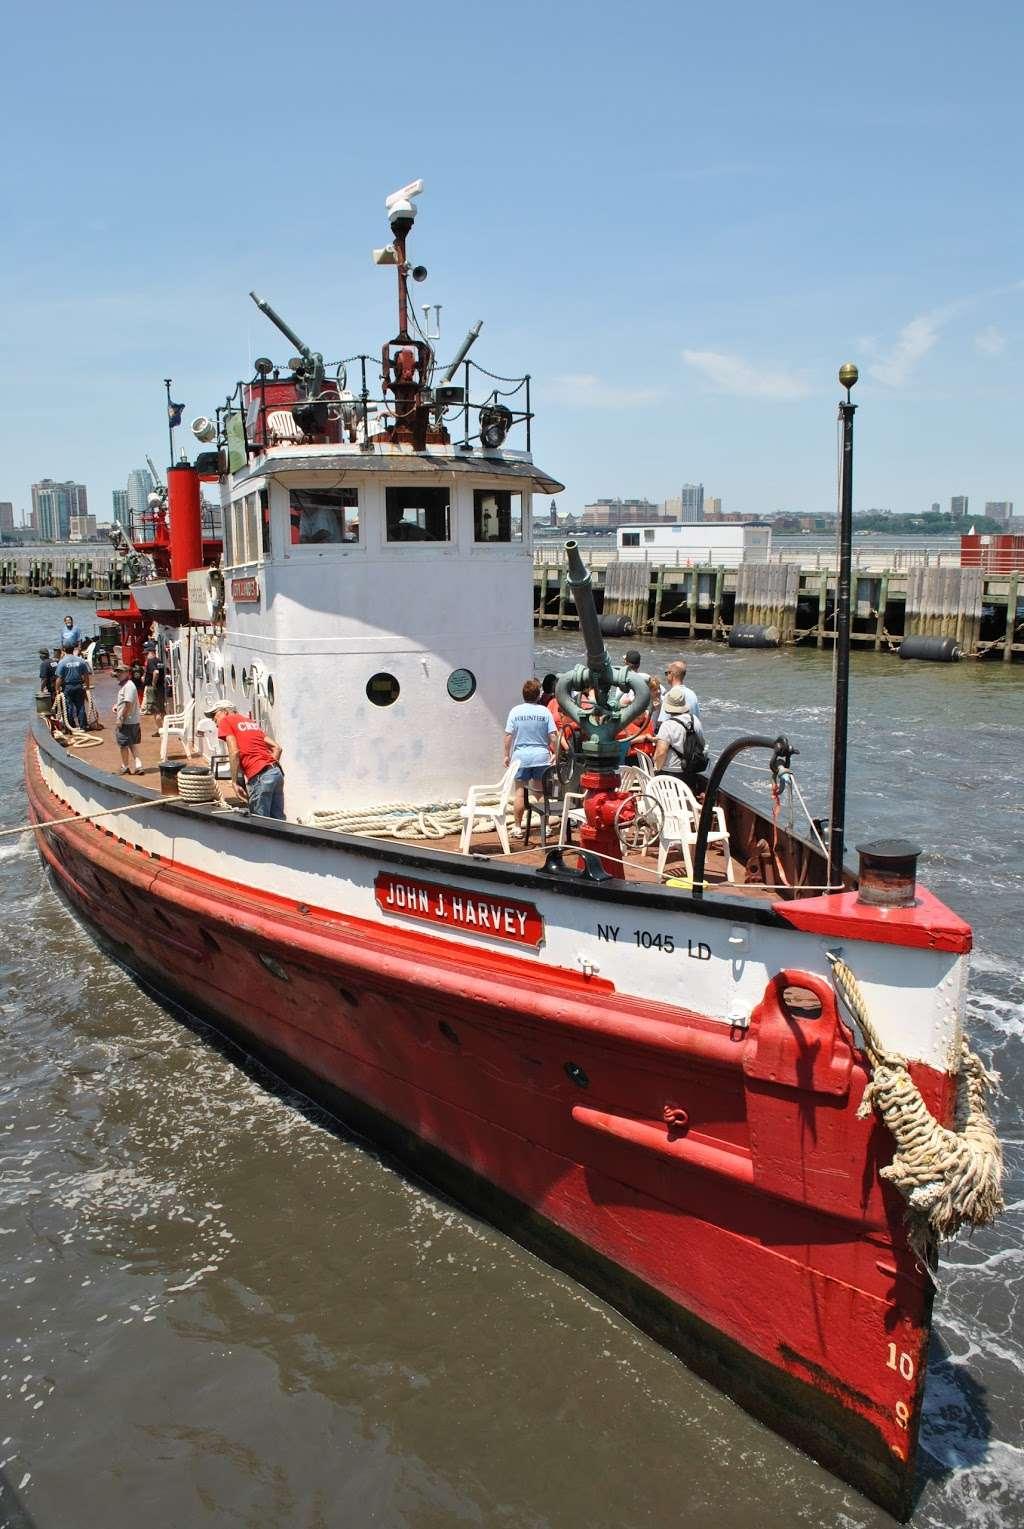 John J. Harvey Fireboat - store  | Photo 9 of 10 | Address: Hudson River Greenway, New York, NY 10005, USA